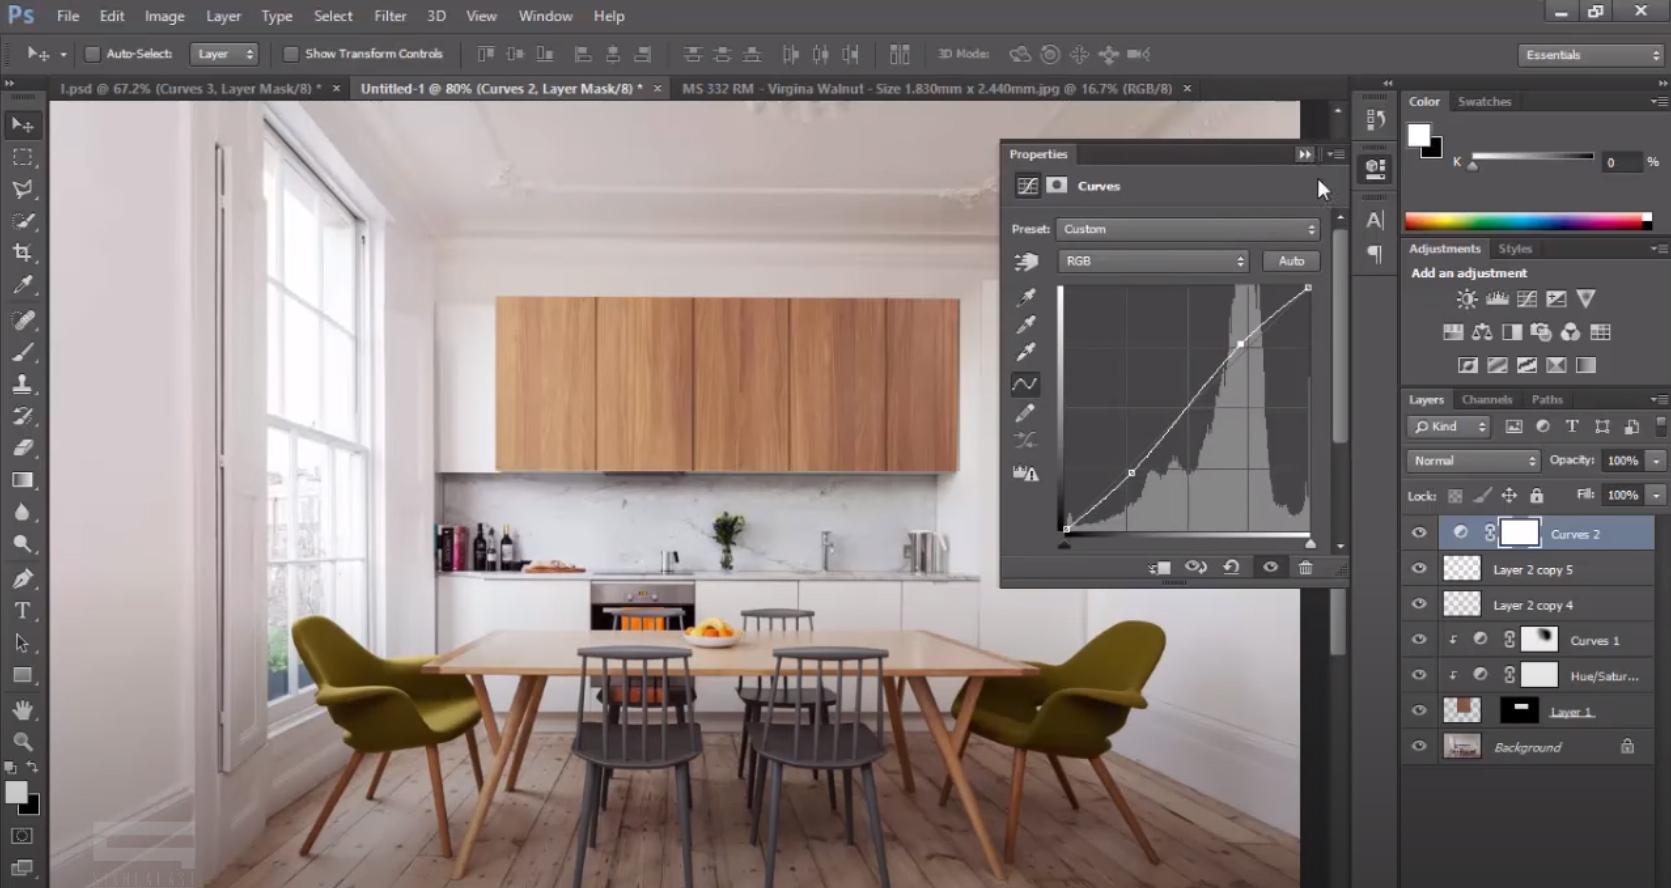 Photoshop kitchen